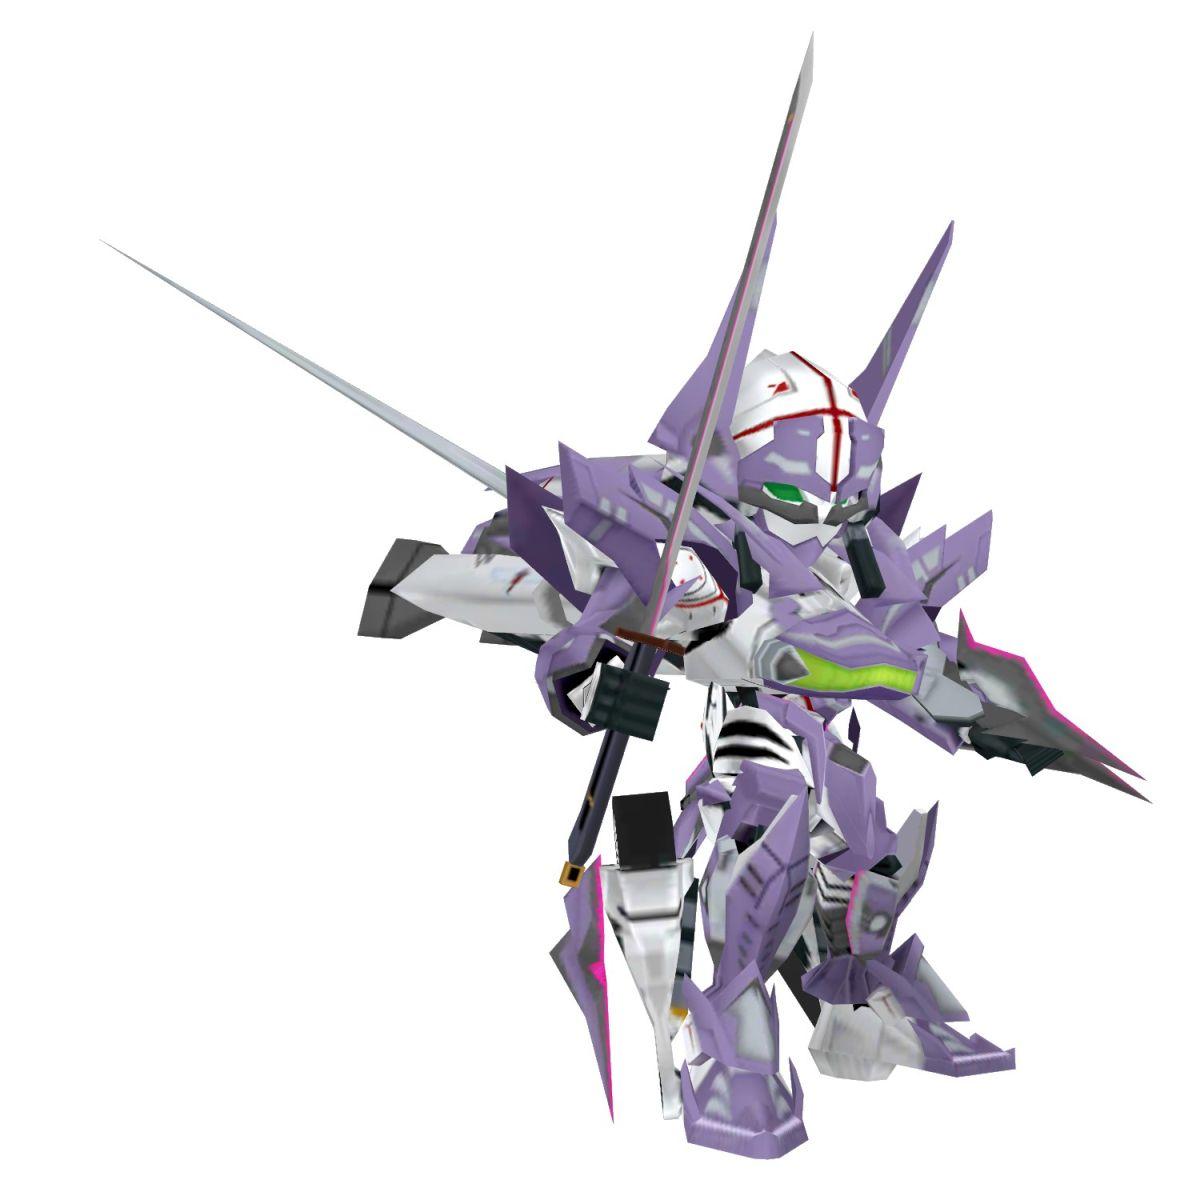 スーパーロボット大戦Xの画像 p1_35